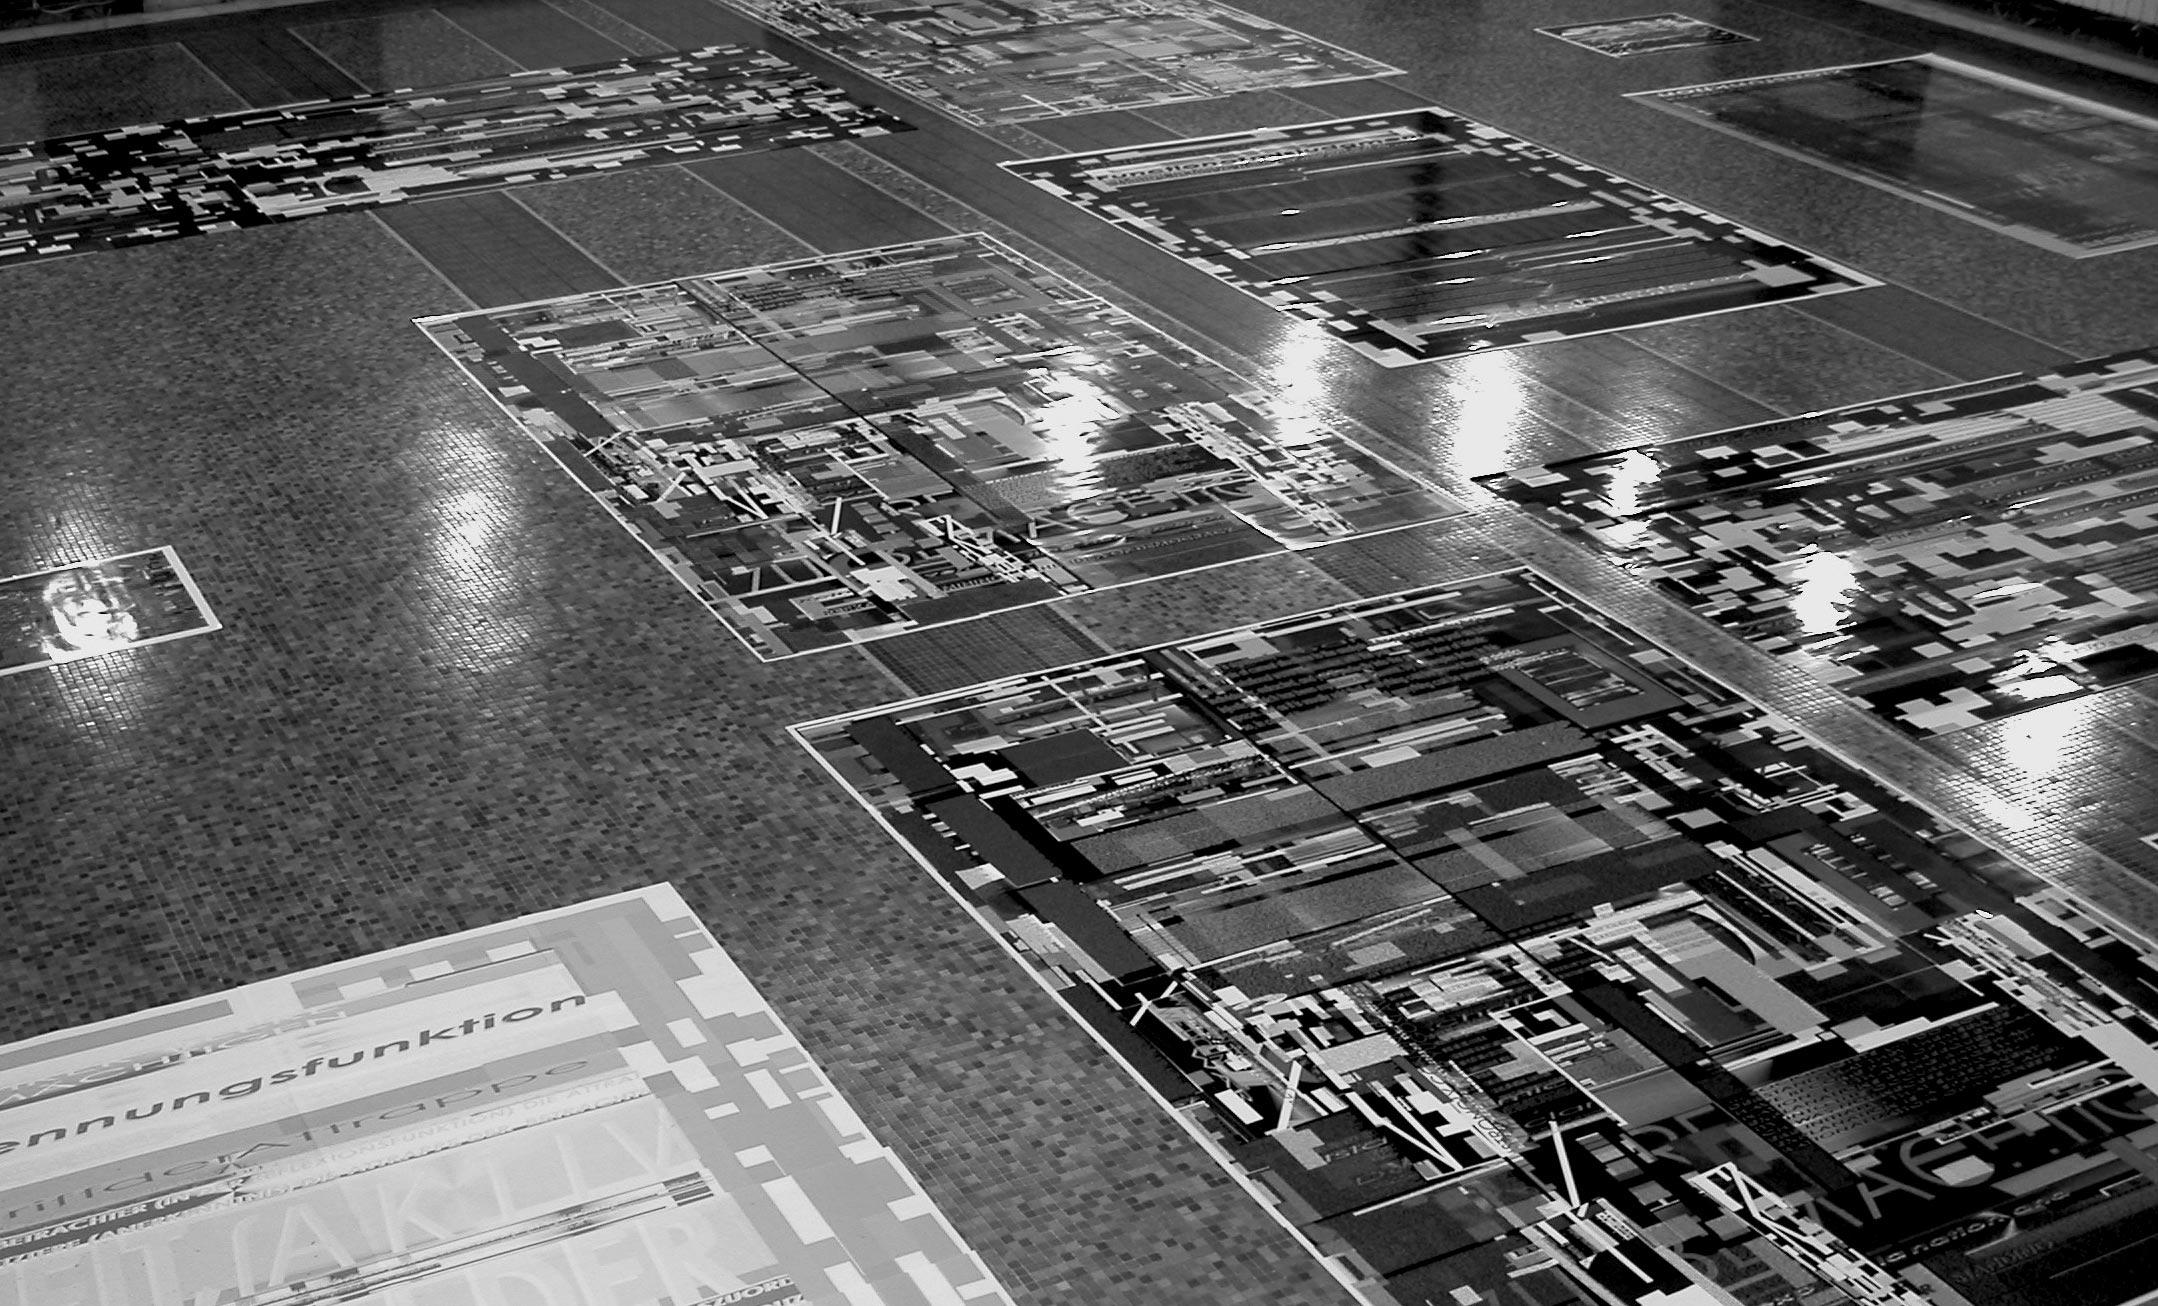 Herwig Steiner (1956L) / Textfields/Battlefields Discourses – Yugoslavia / Floorinstallation / computergenerierte Prints auf Papier / Muzej Istorije Jugoslavije, Beograd/SRB / 2002